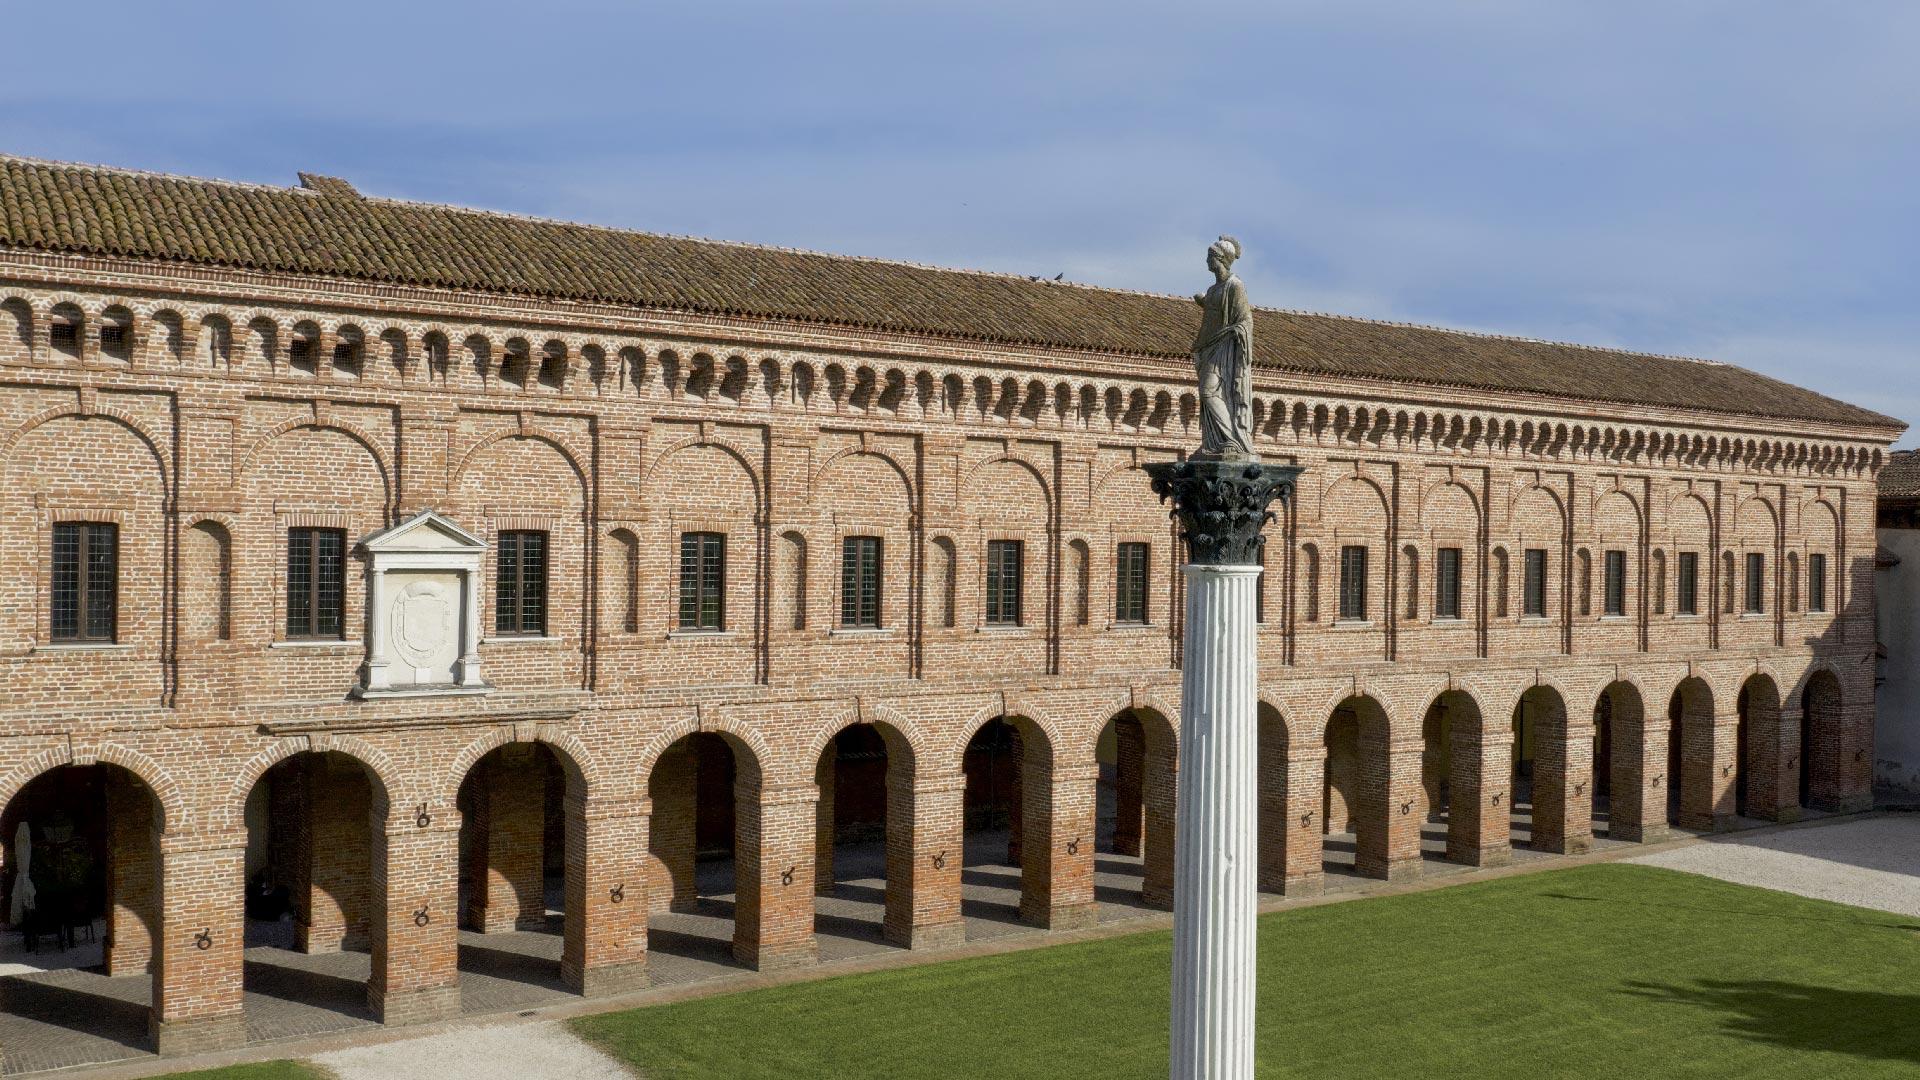 Galleria-degli-Antichi-Sabbioneta-visitsabbioneta.jpg